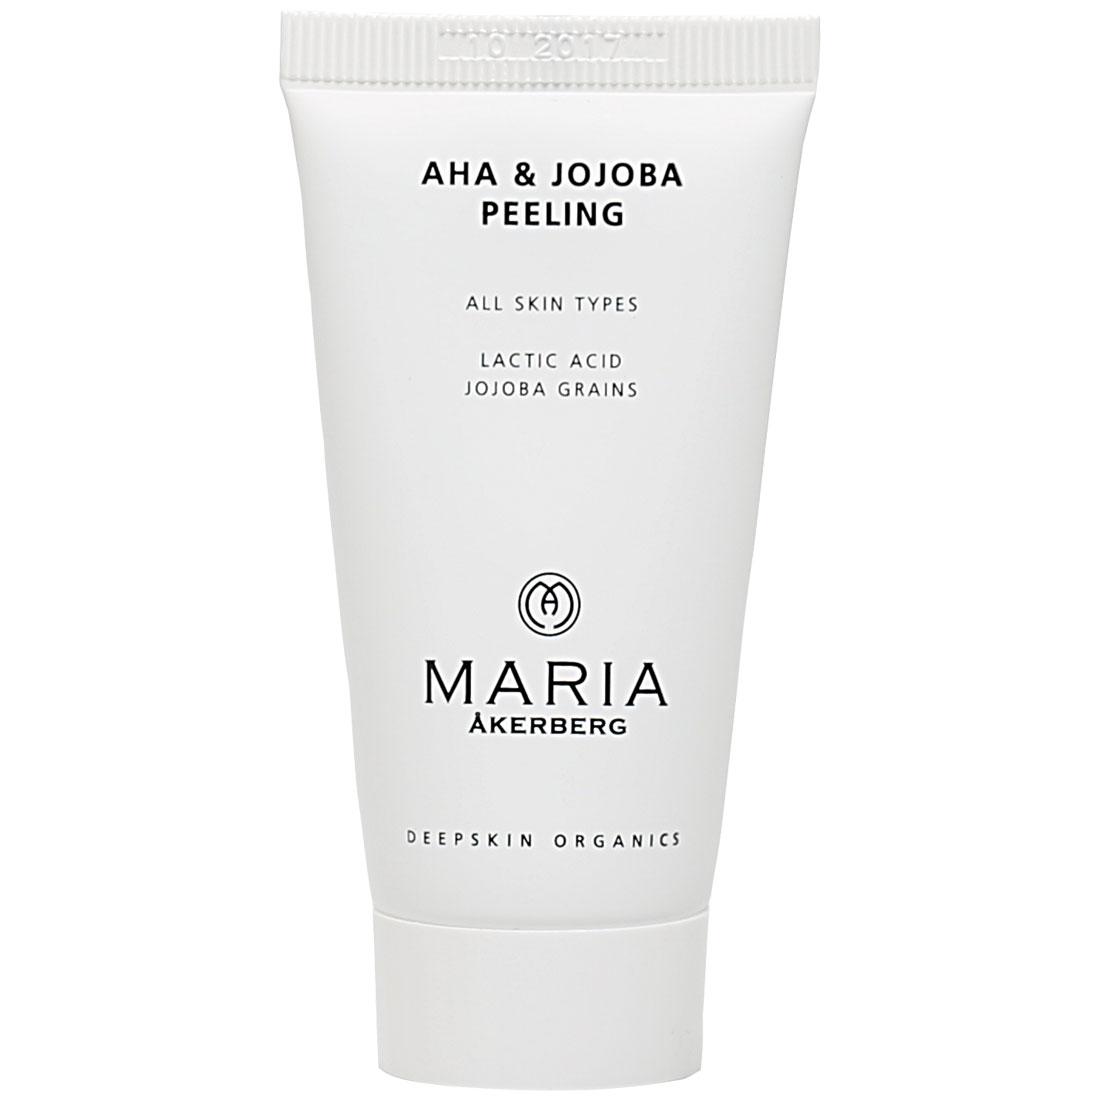 Peeling  från Maria Åkerberg: 169 kronor